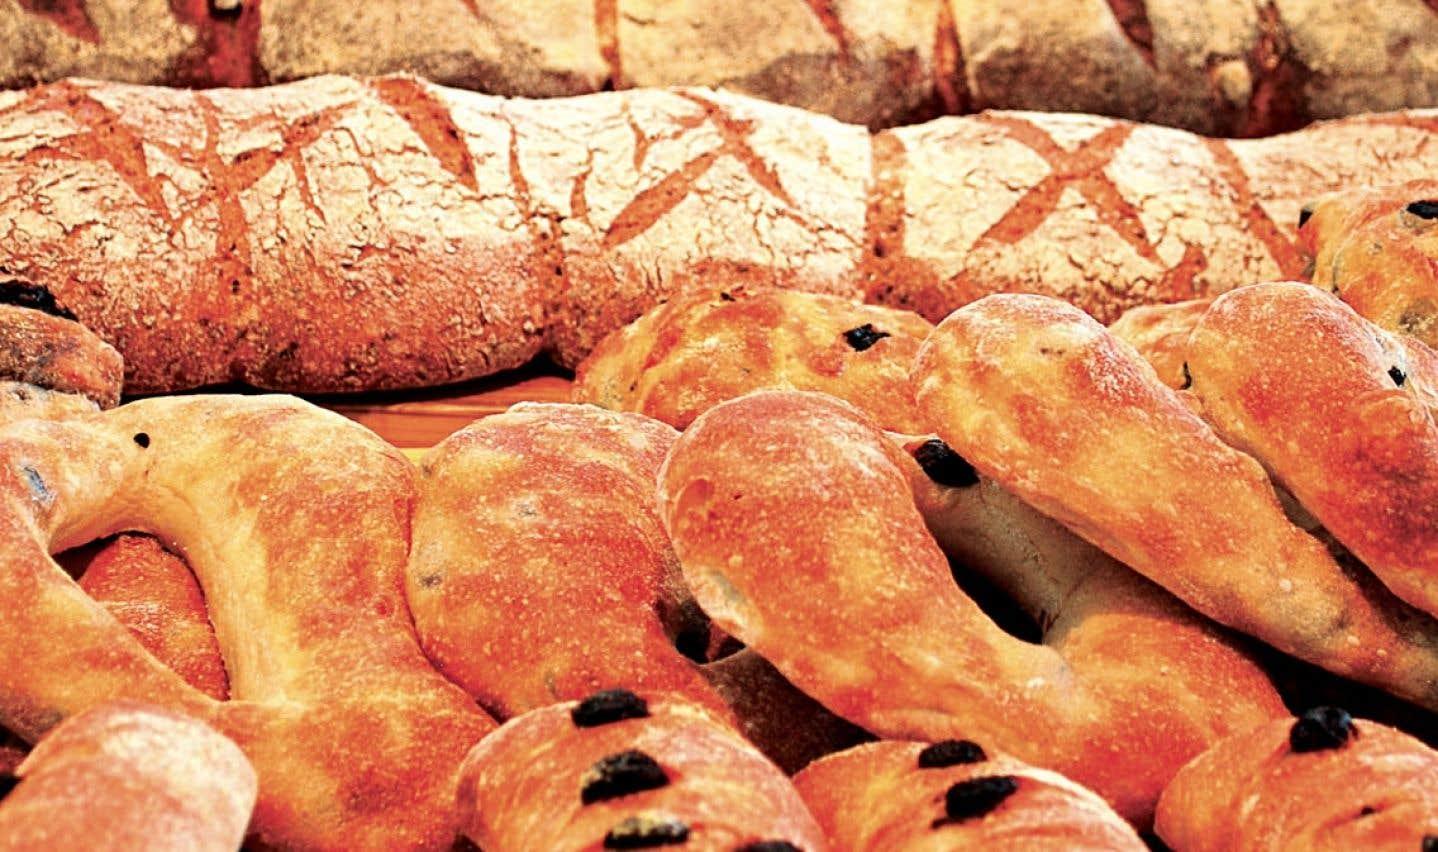 Les artisans gourmands du Québec - Le boulanger des grains nobles